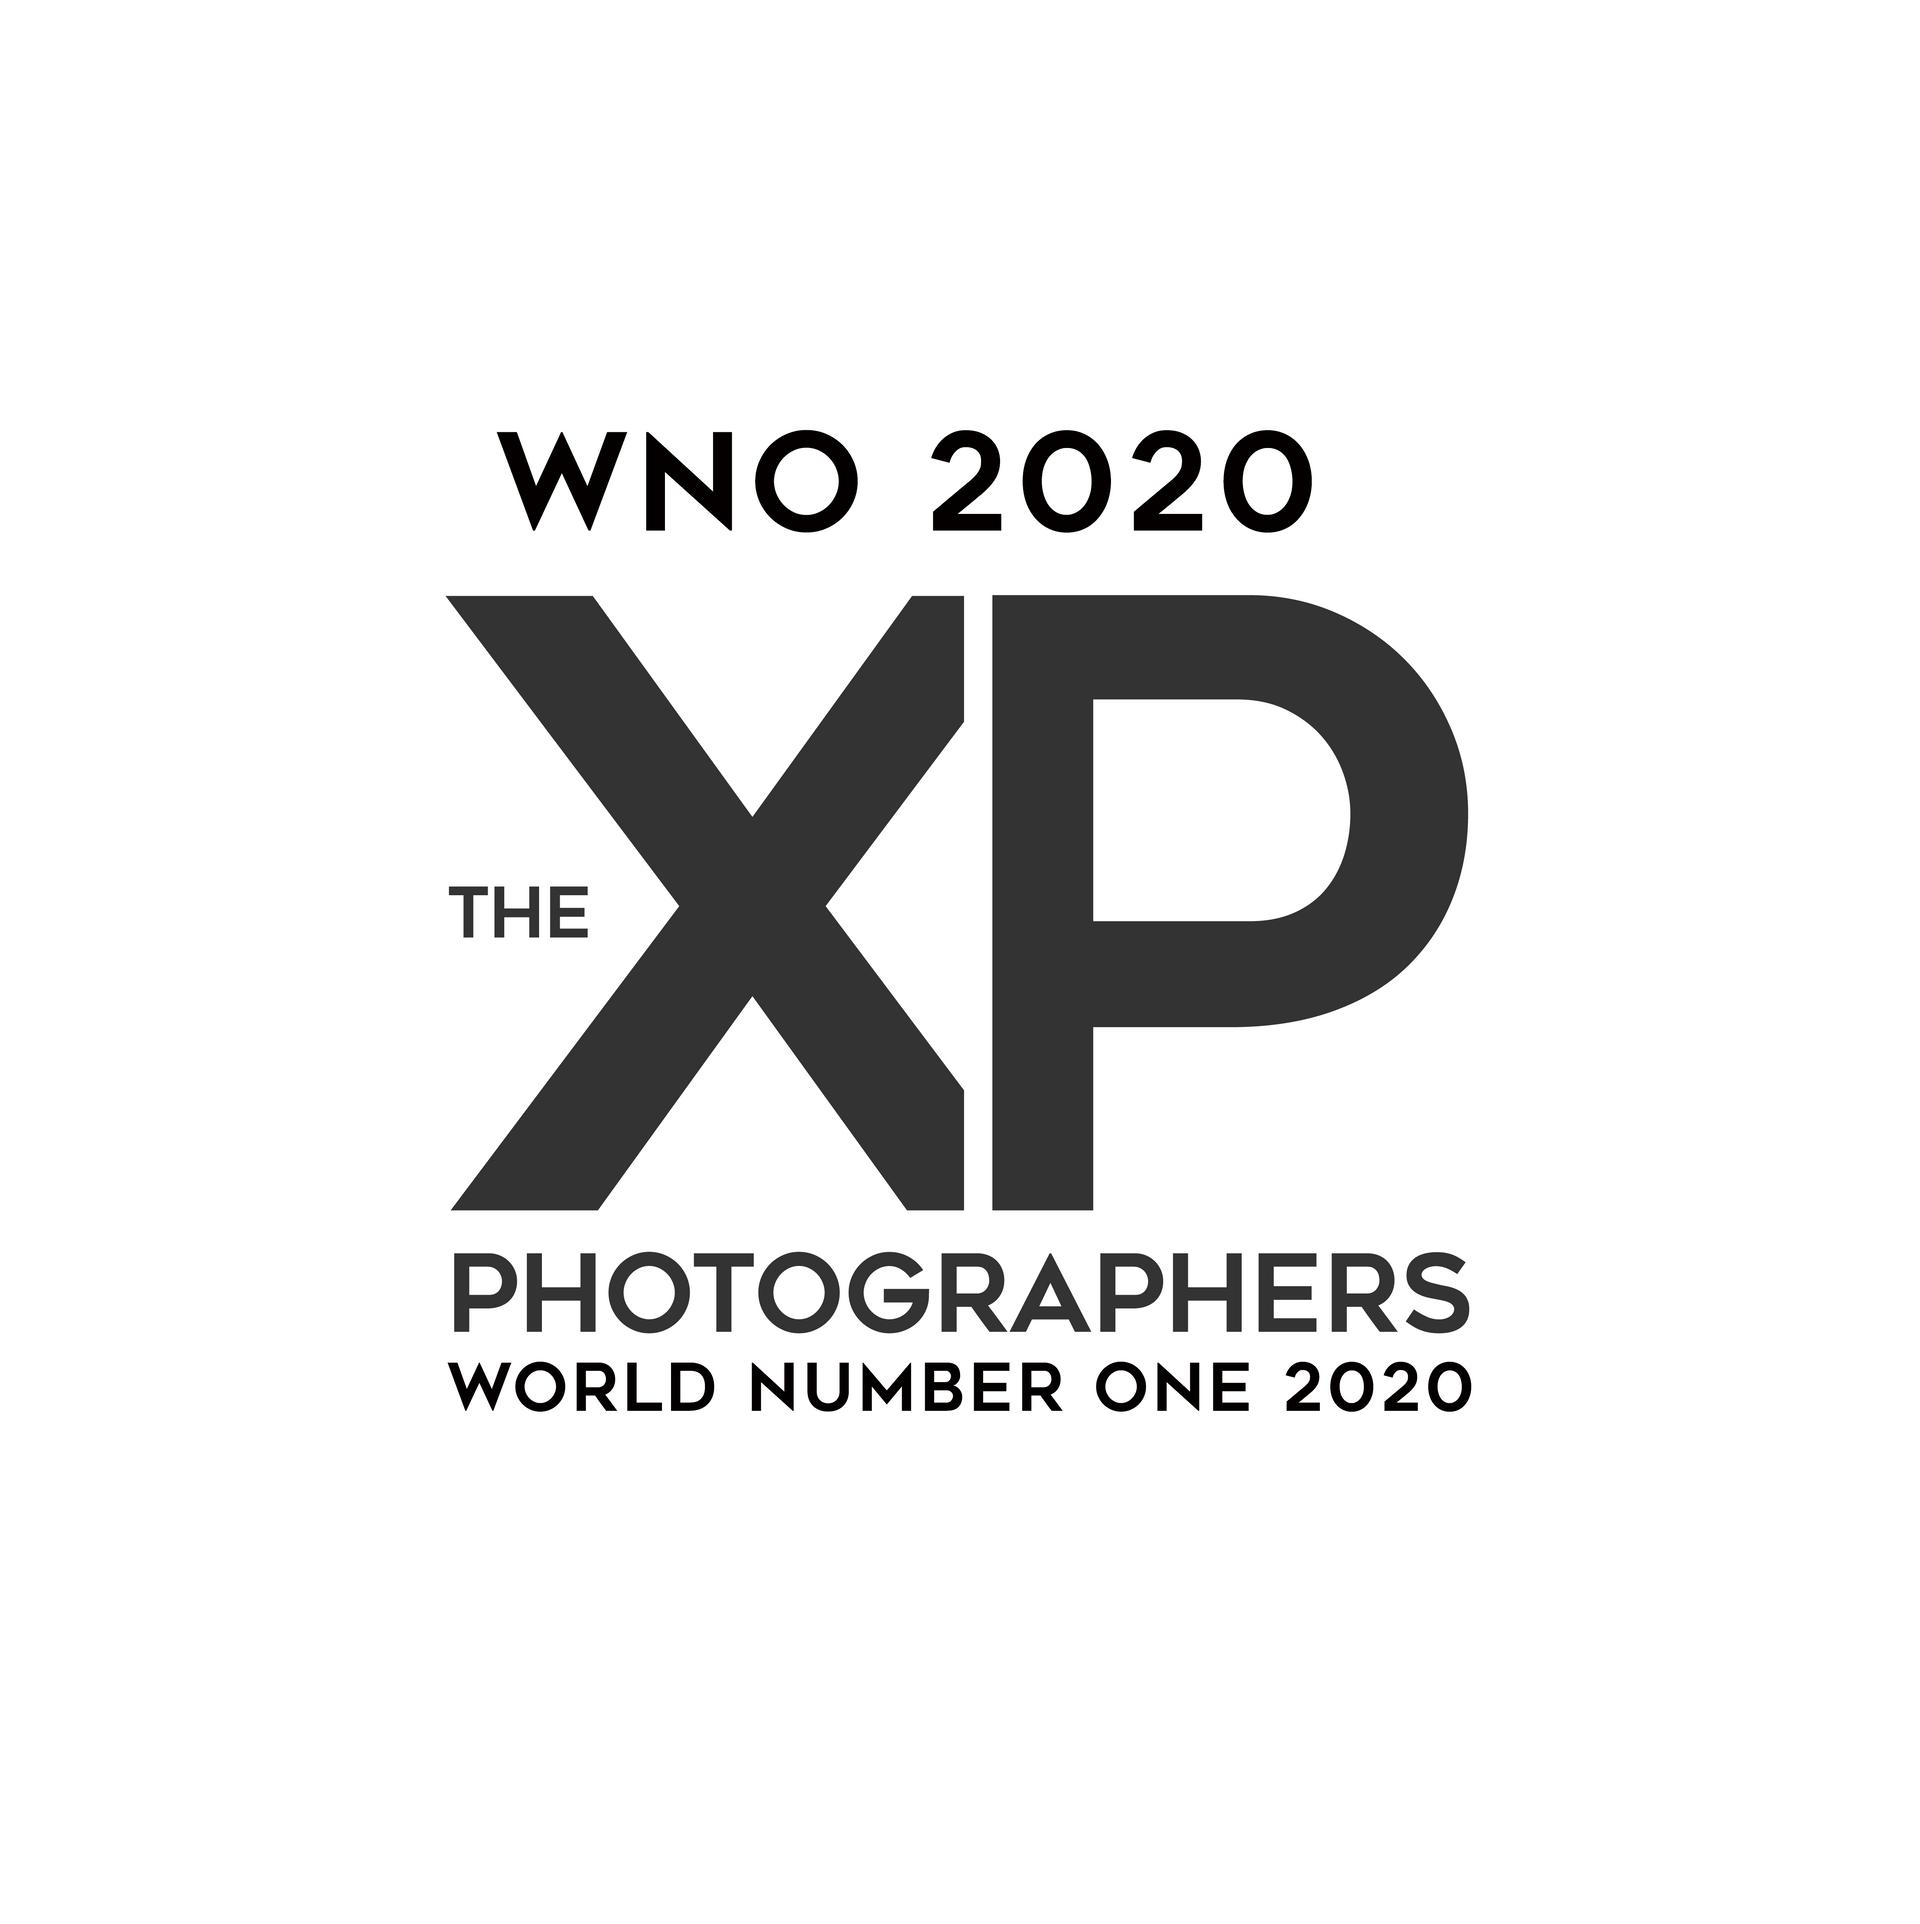 WNO 2020